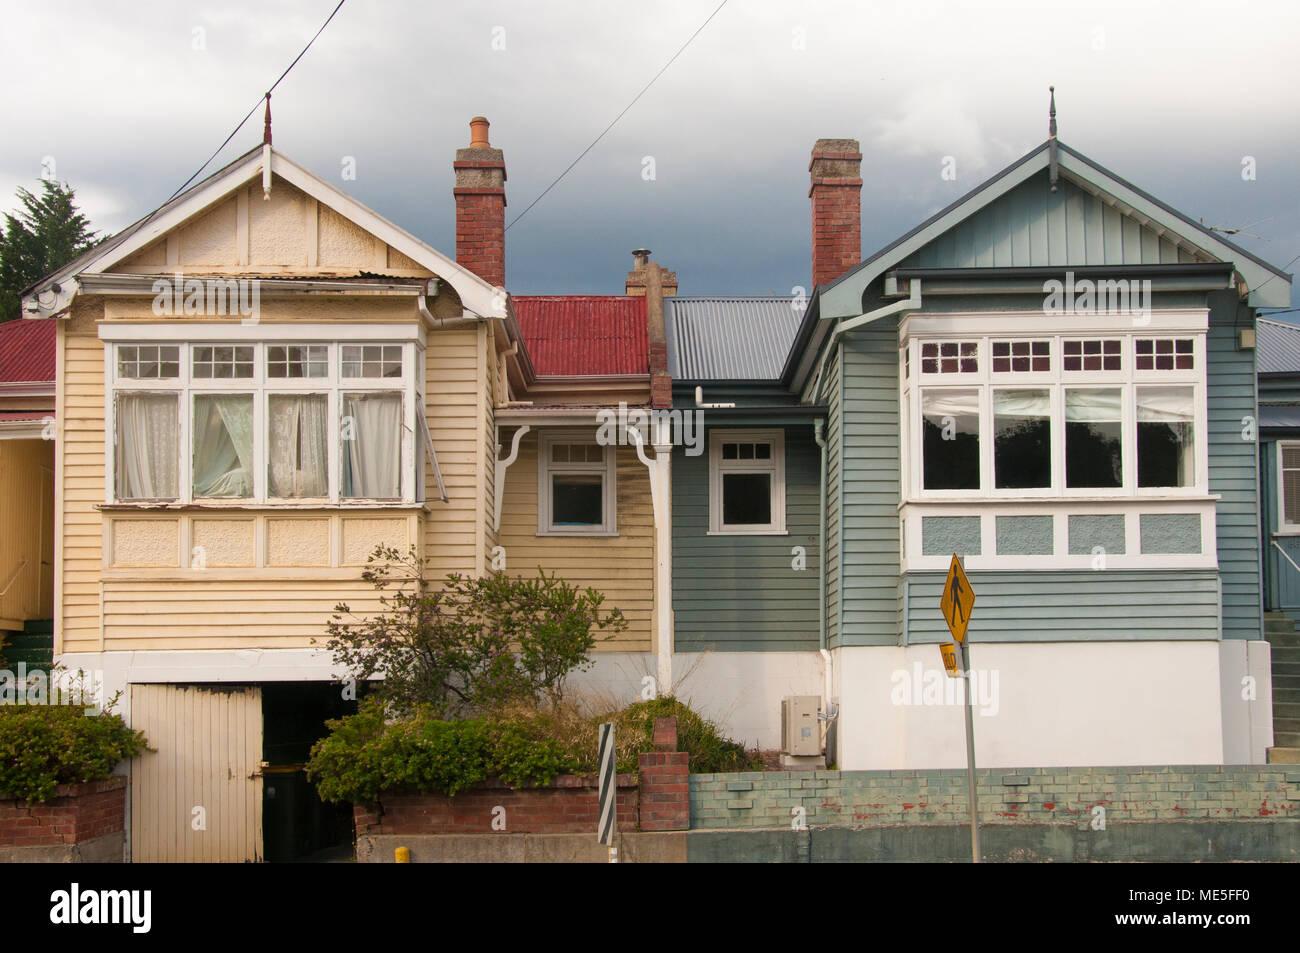 South Hobart Straßenbild, Hobart, Tasmanien, Australien Stockbild